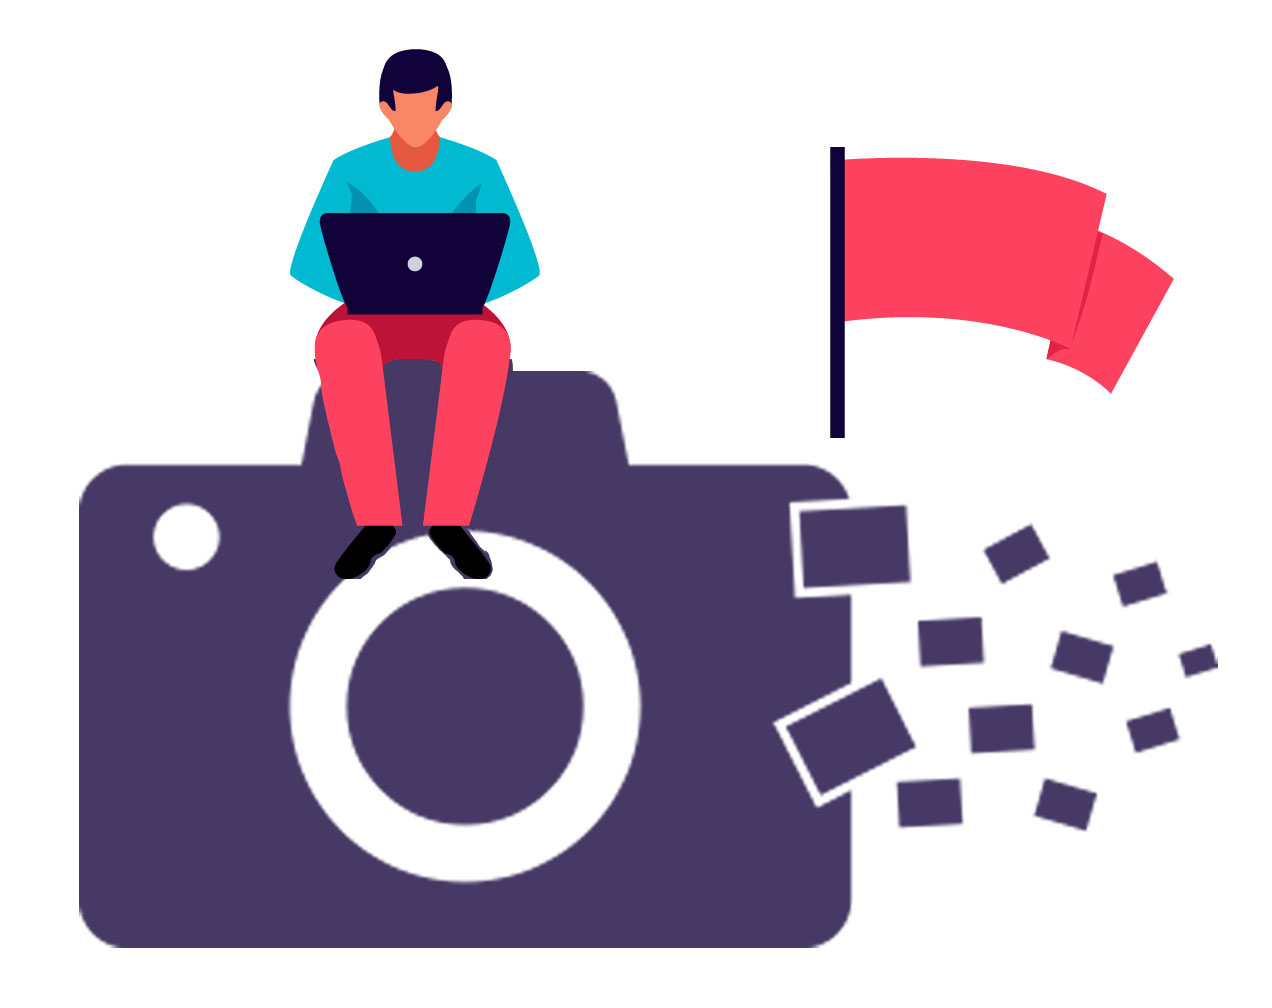 réalisation d'images